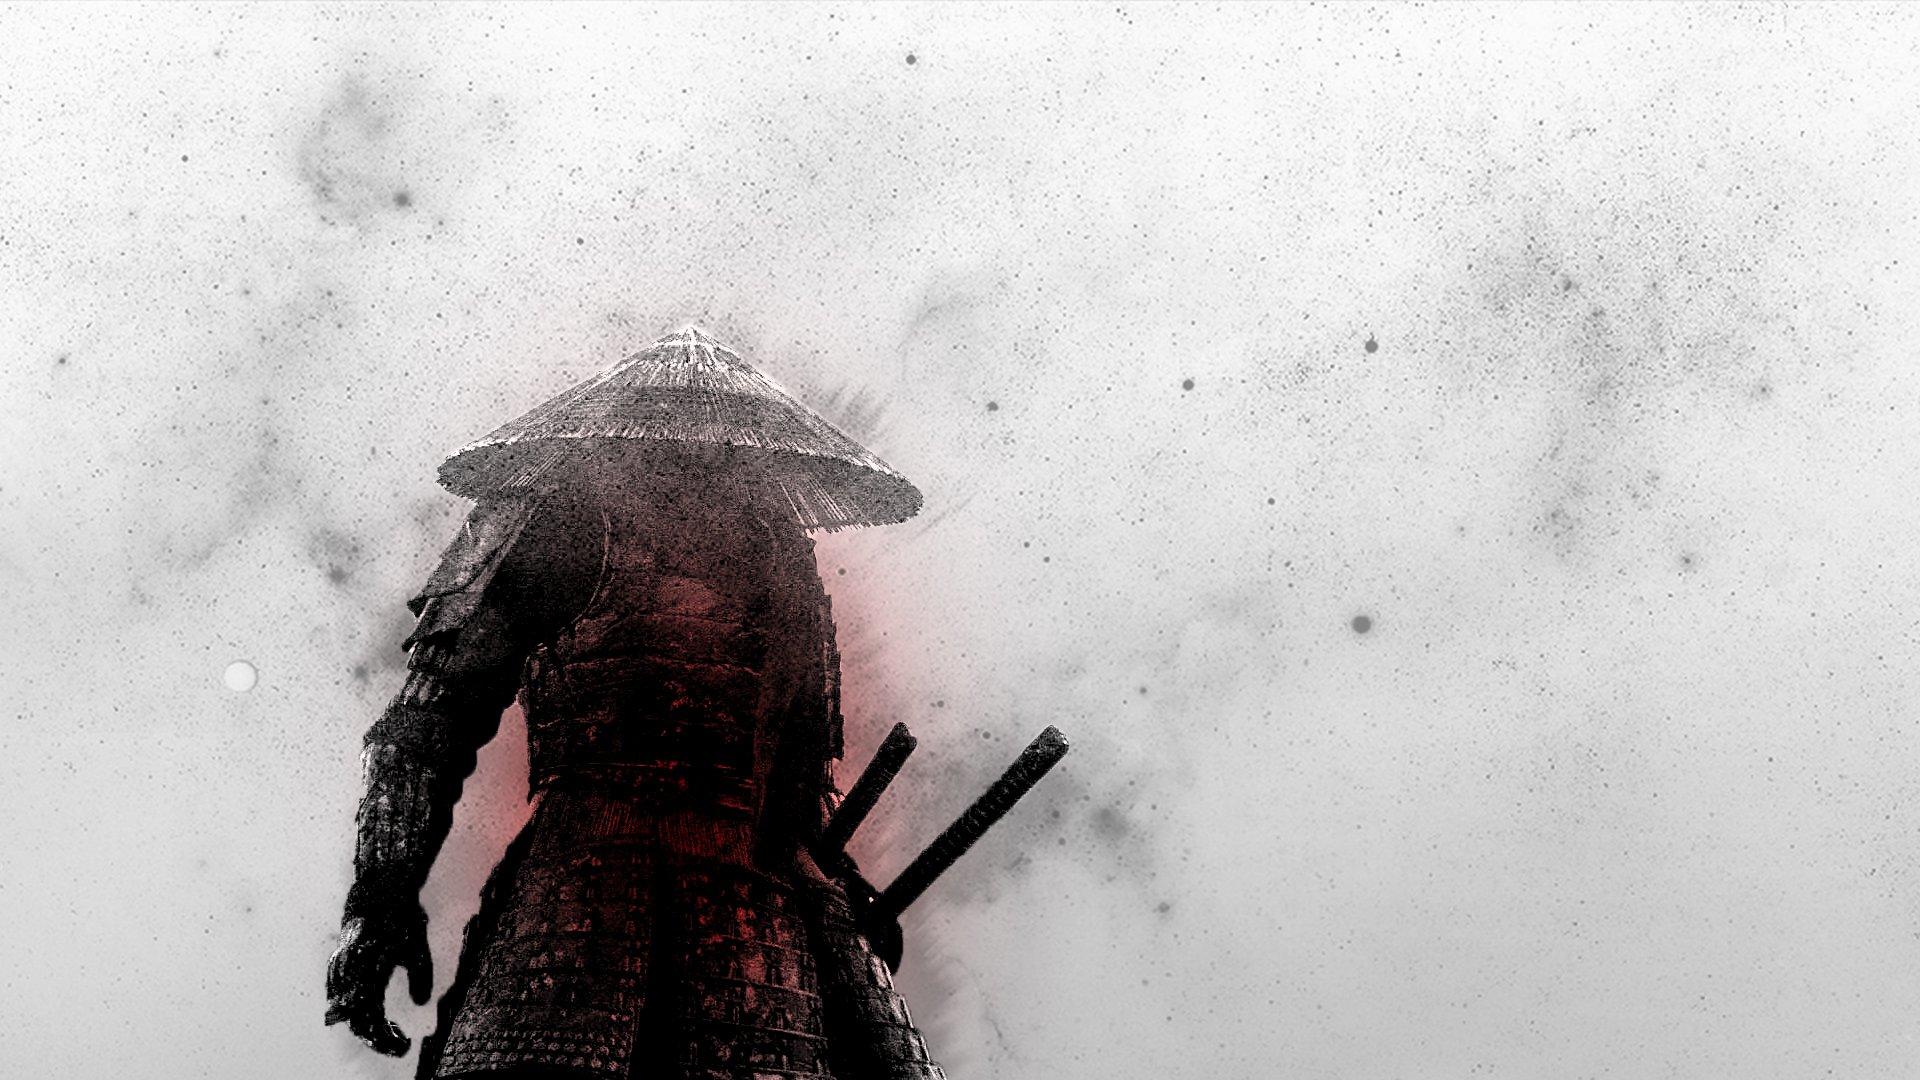 Японское поро hd 1 фотография